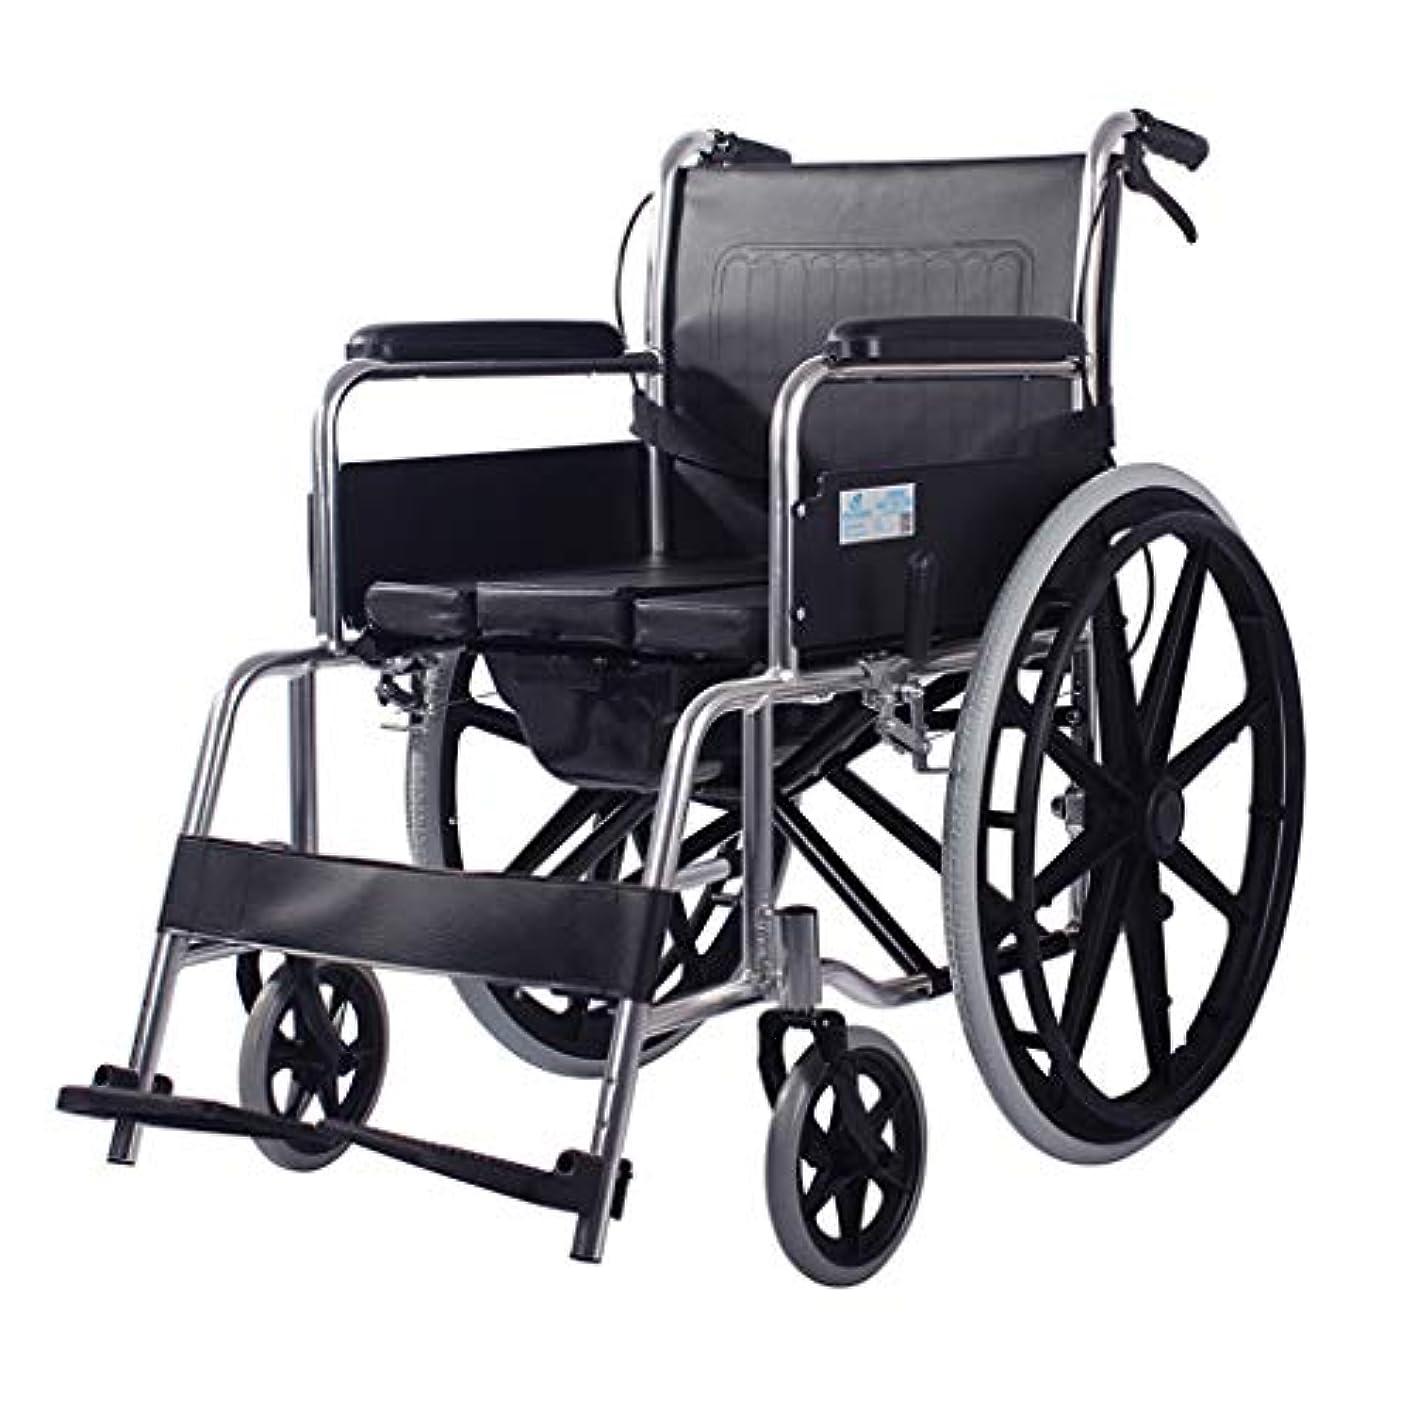 味わうほぼ簡潔な車椅子折りたたみ式および4ブレーキ設計、高齢者および身体障害者用のモバイルトイレ